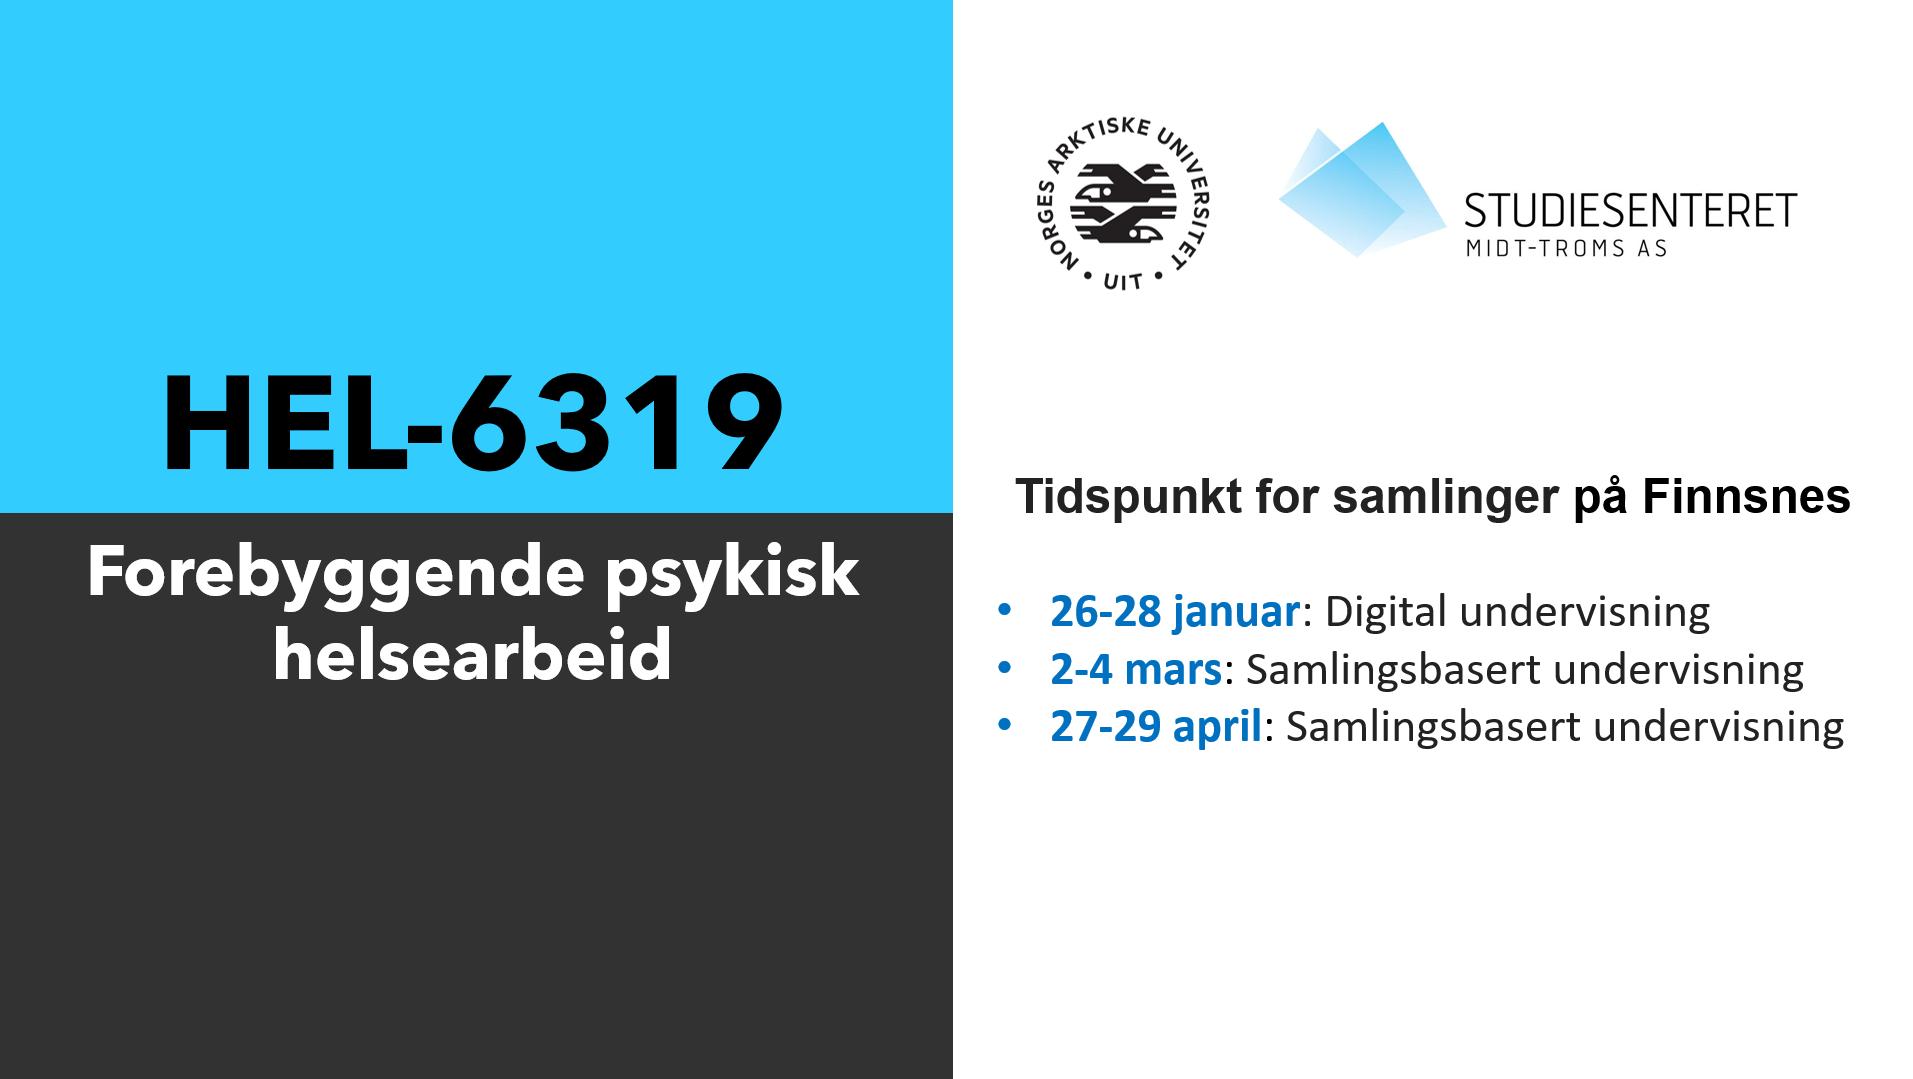 HEL-6319 samlinger på Finnsnes